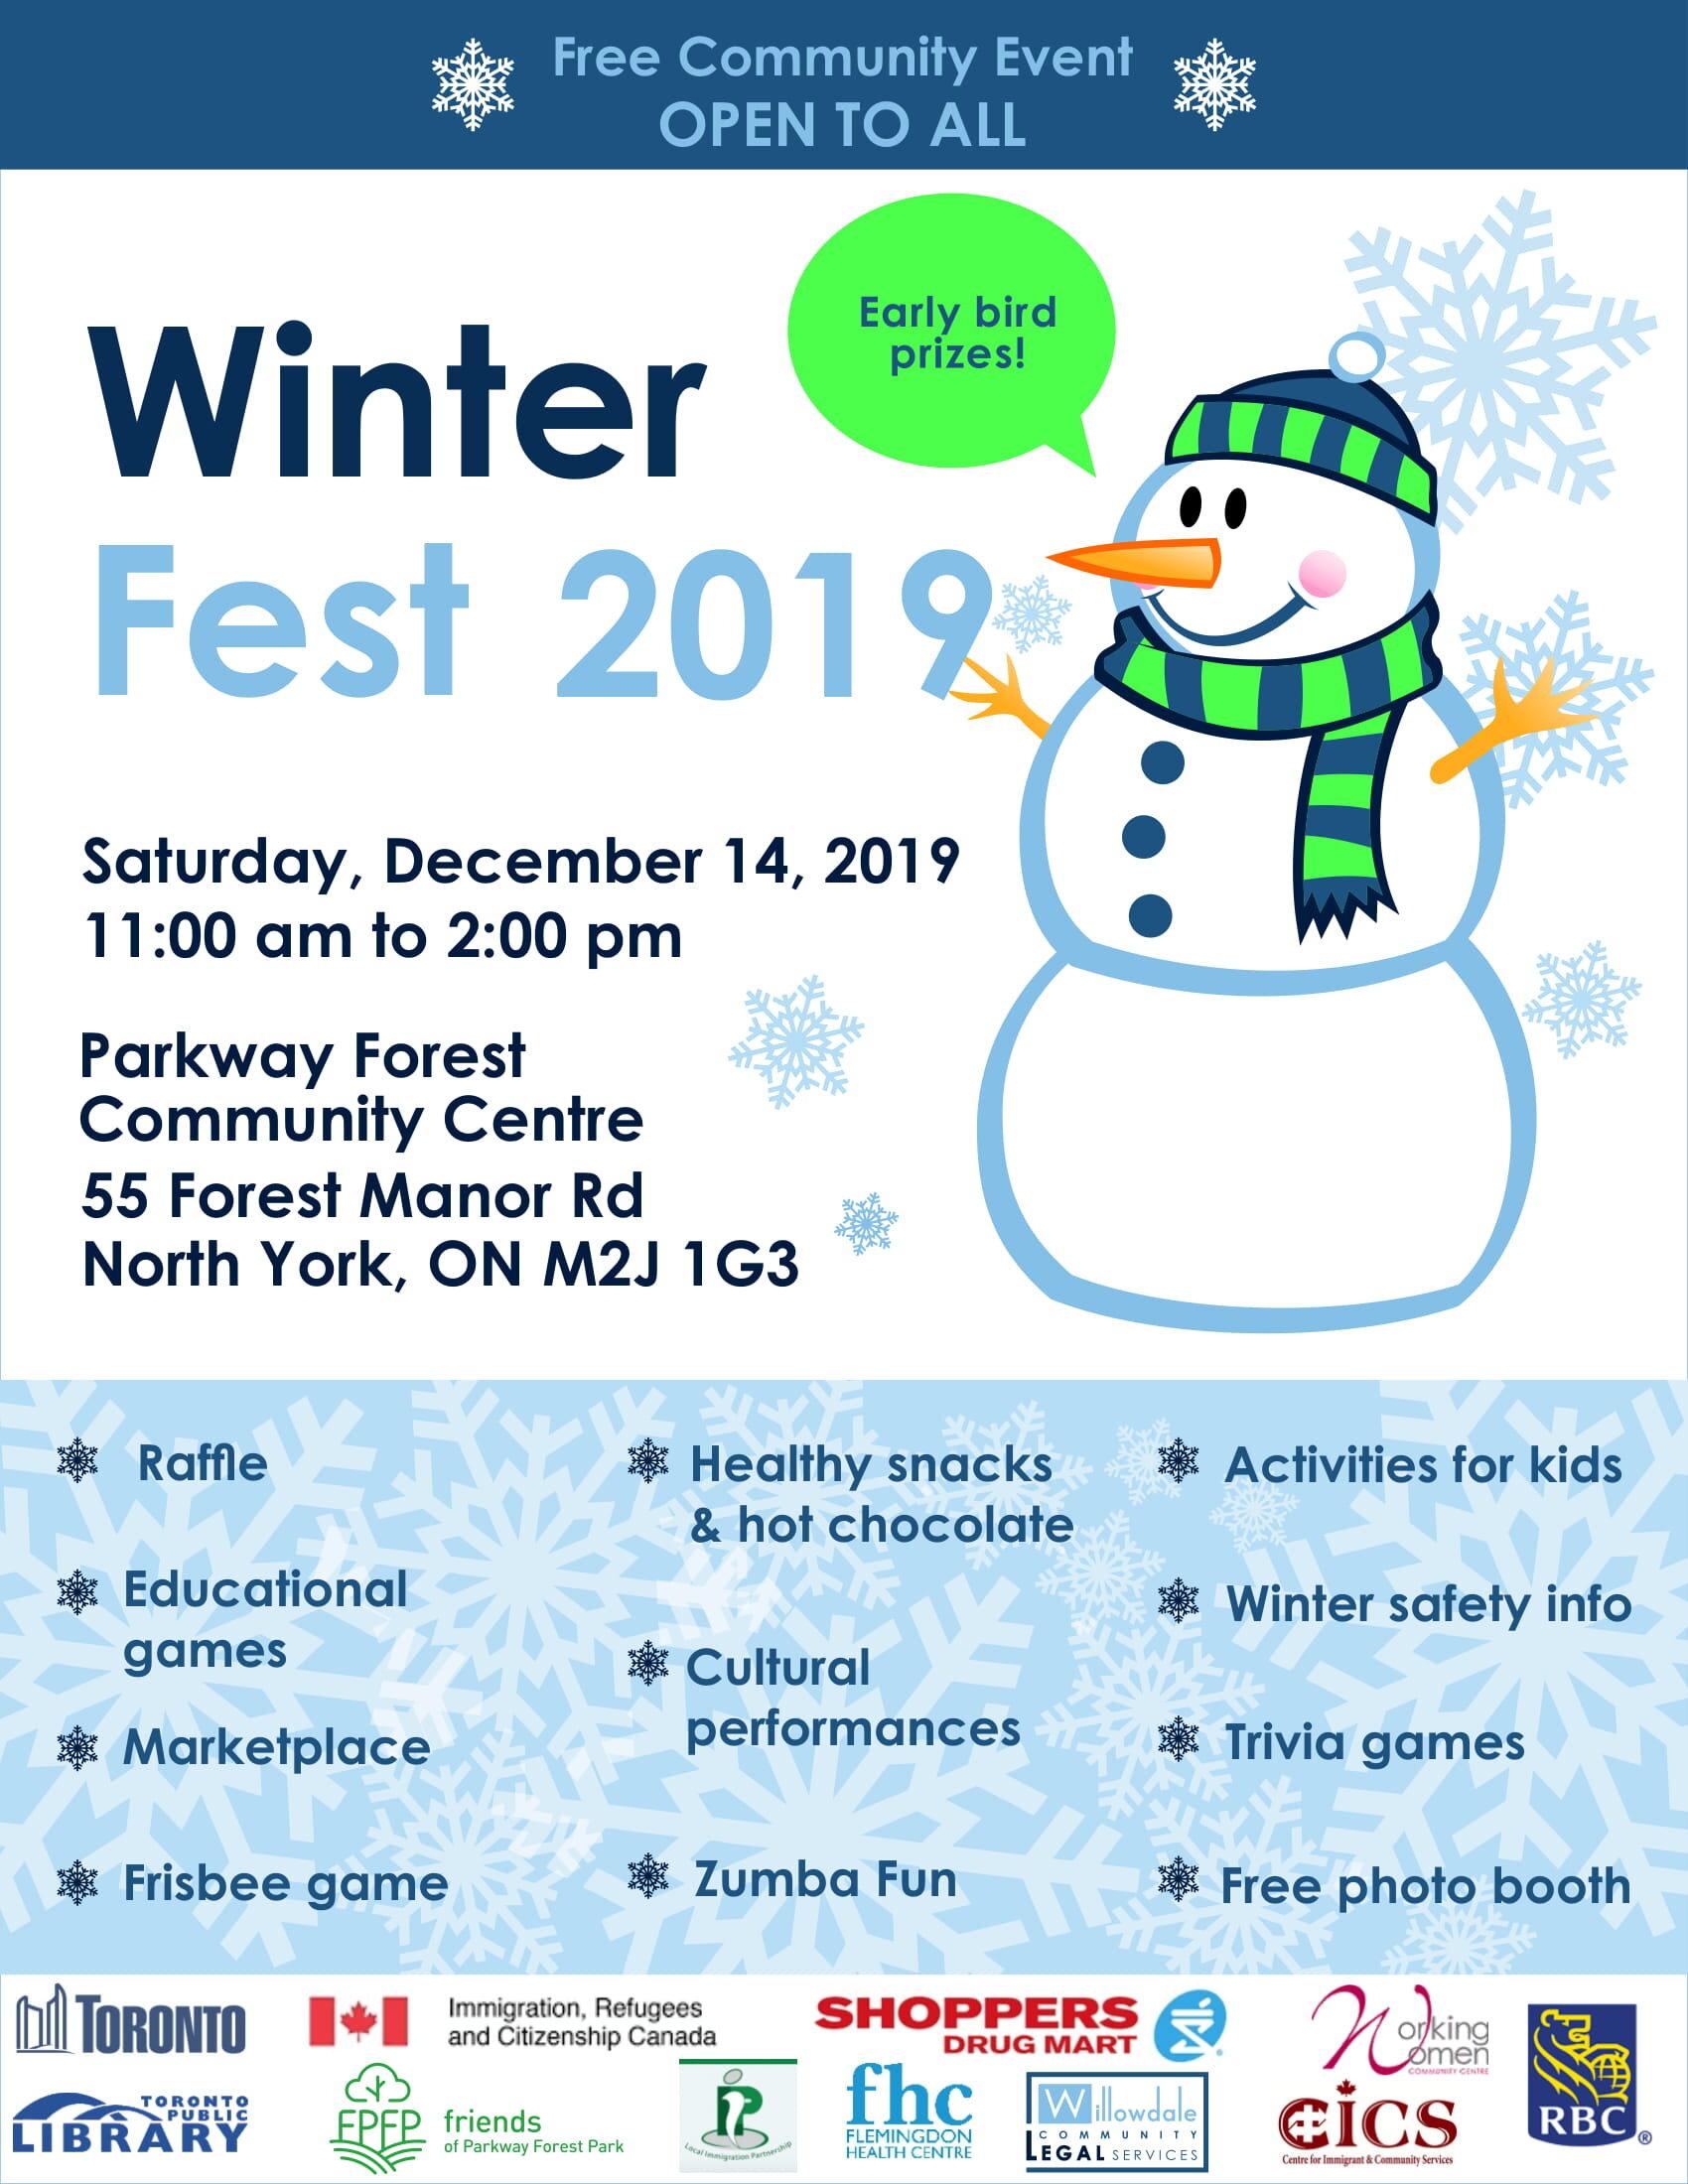 WinterFest Flyer 2019 final-1.jpg